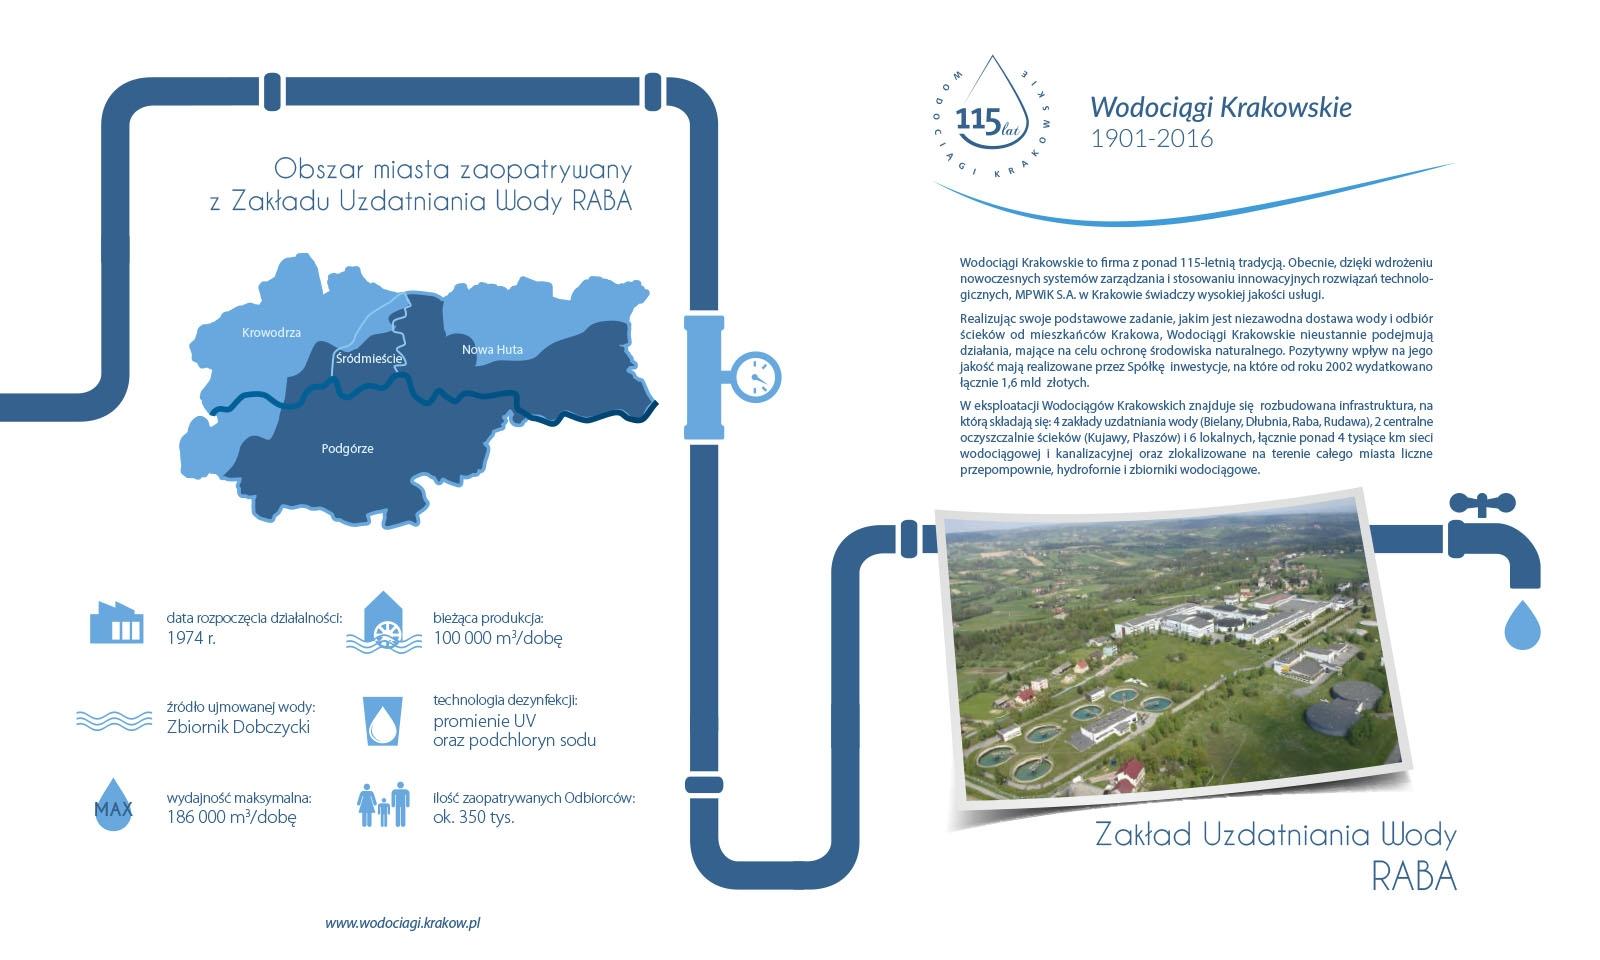 Tytuł: Schemat technologiczno-organizacyjny ZUW Raba - poszczególne strony dostępne tylko po kliknieciu na link